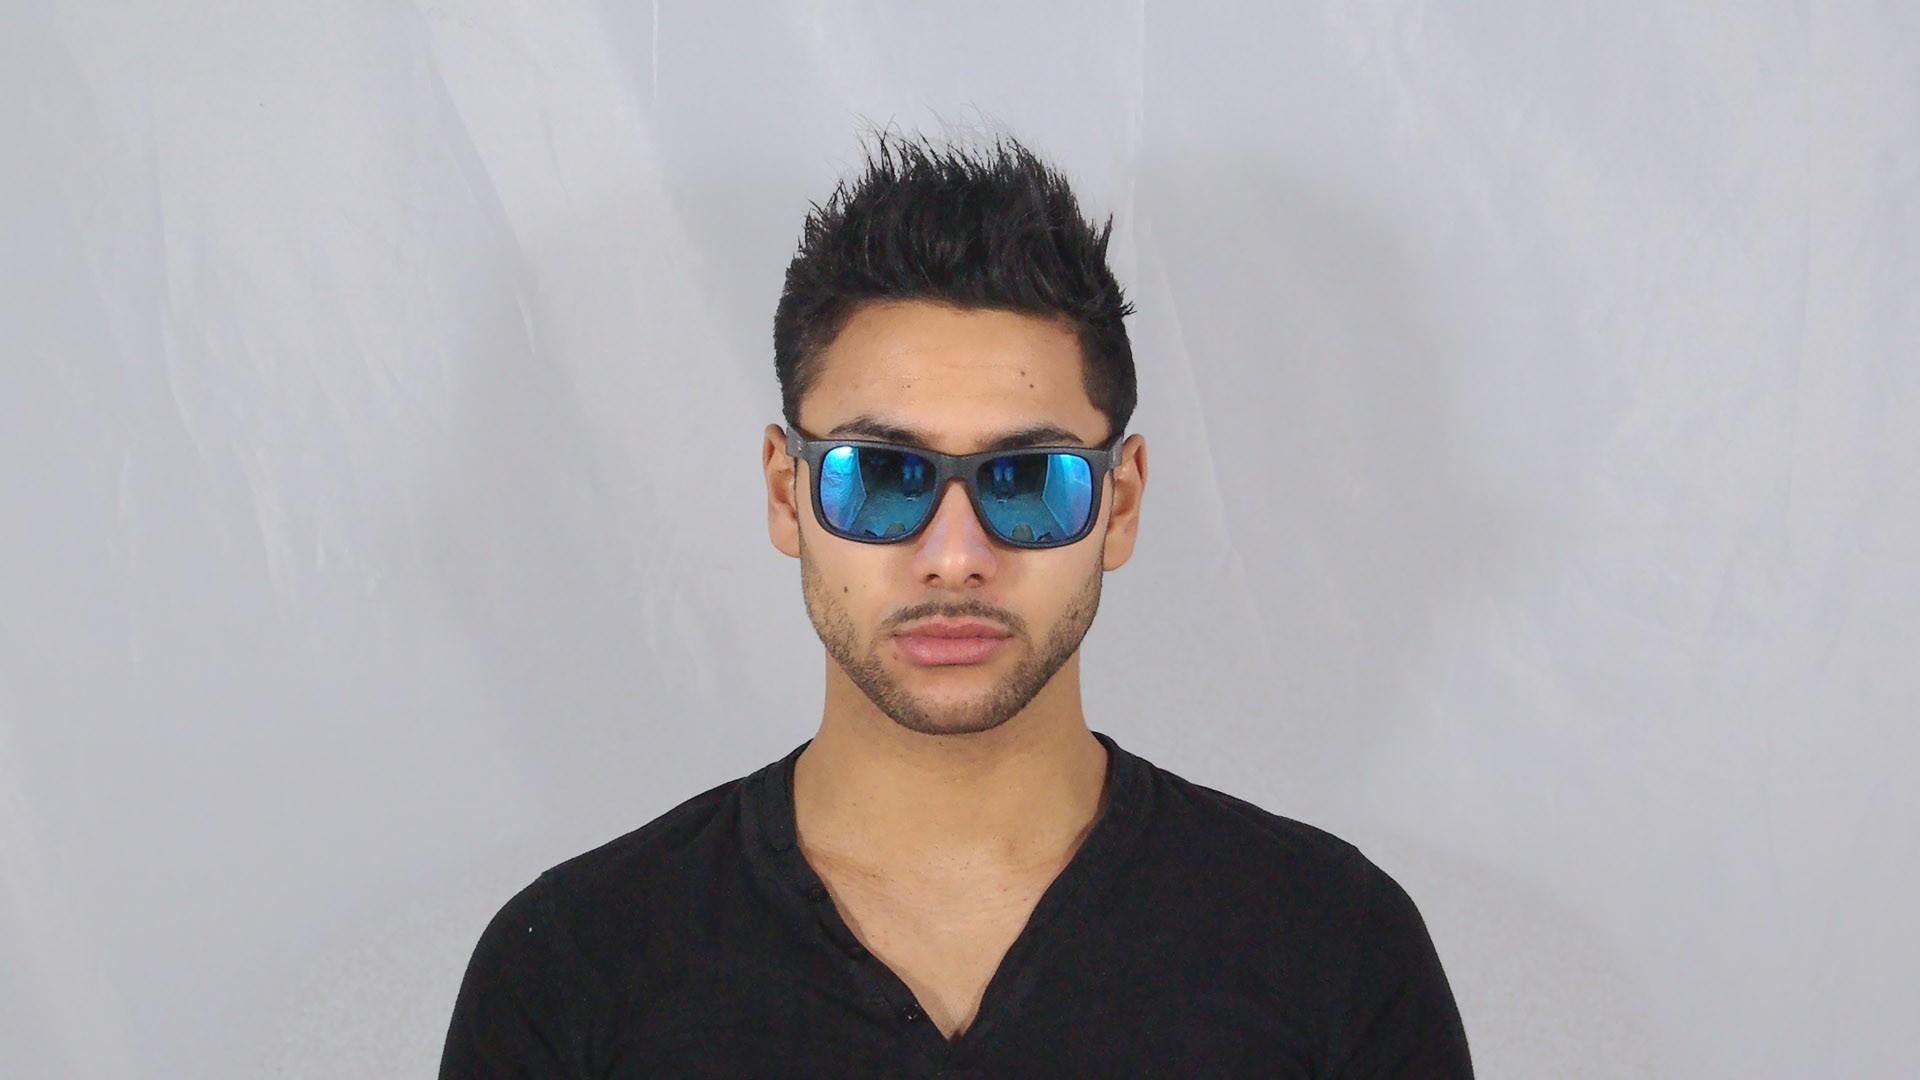 3bfaf20f1c1c02 Lunettes de soleil Ray-Ban Justin Noir RB4165 622 55 55-16 Large Verres  Miroirs Bleus